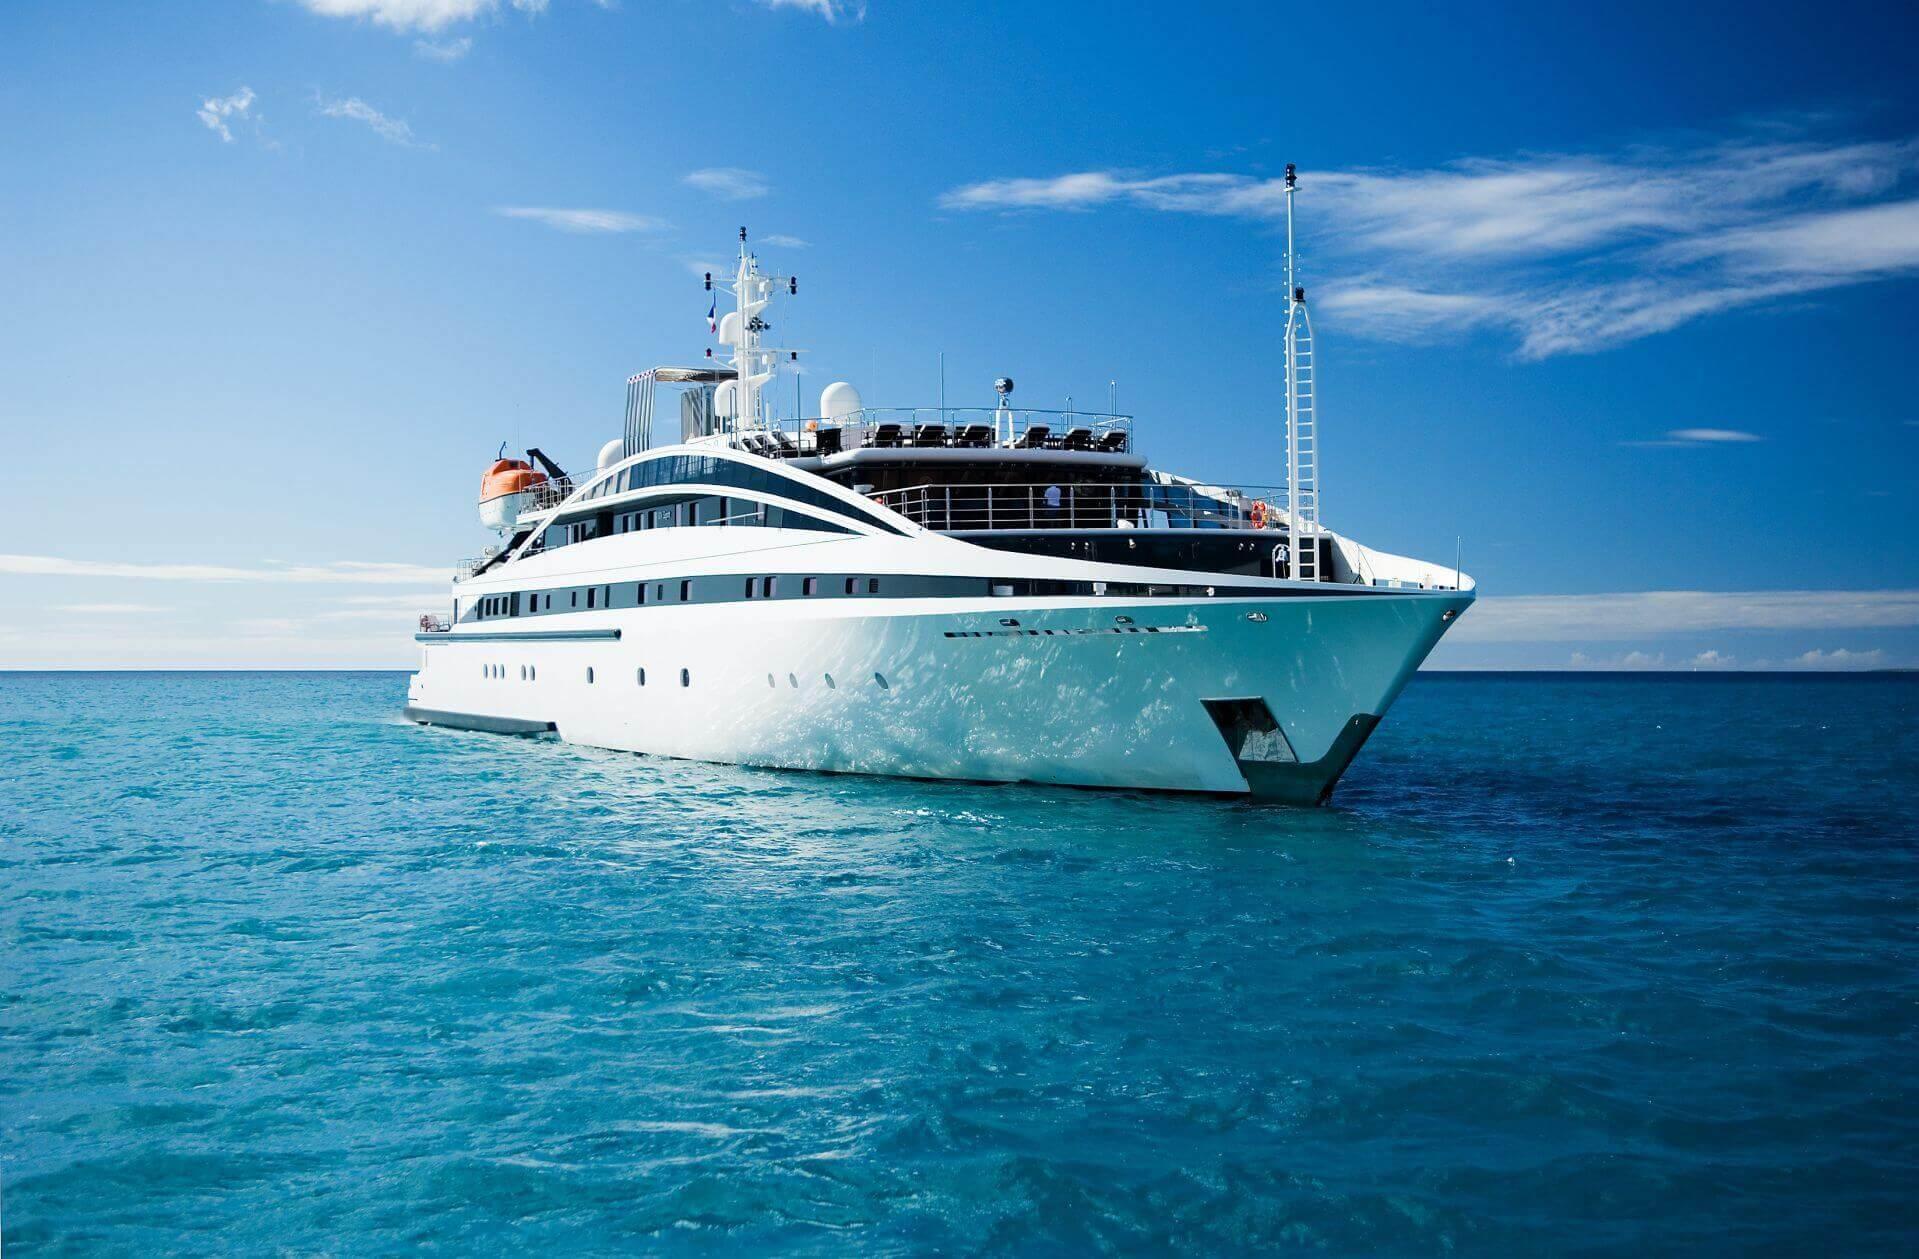 yacht-rm-elegant-exterior-07-554c551752e96_v_default_big.jpg